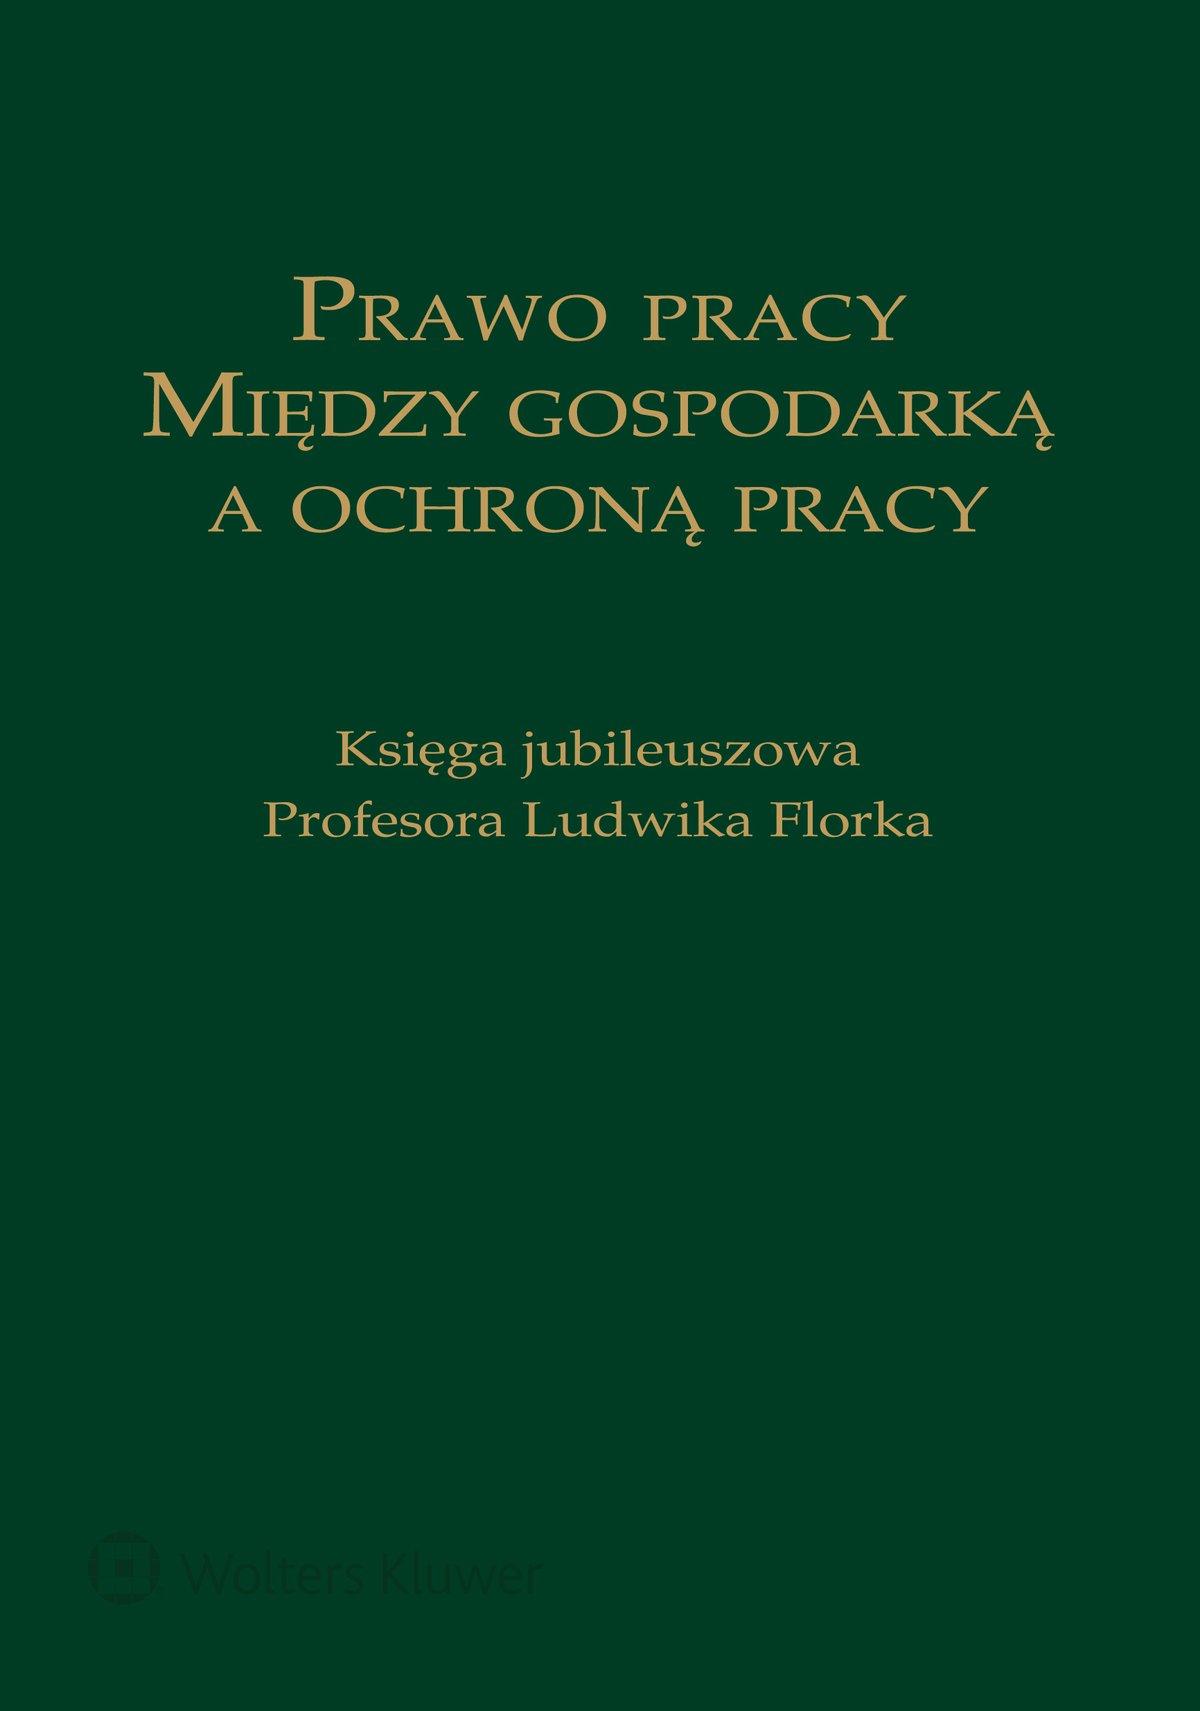 Prawo pracy. Między gospodarką a ochroną pracy. Księga jubileuszowa Profesora Ludwika Florka - Ebook (Książka EPUB) do pobrania w formacie EPUB